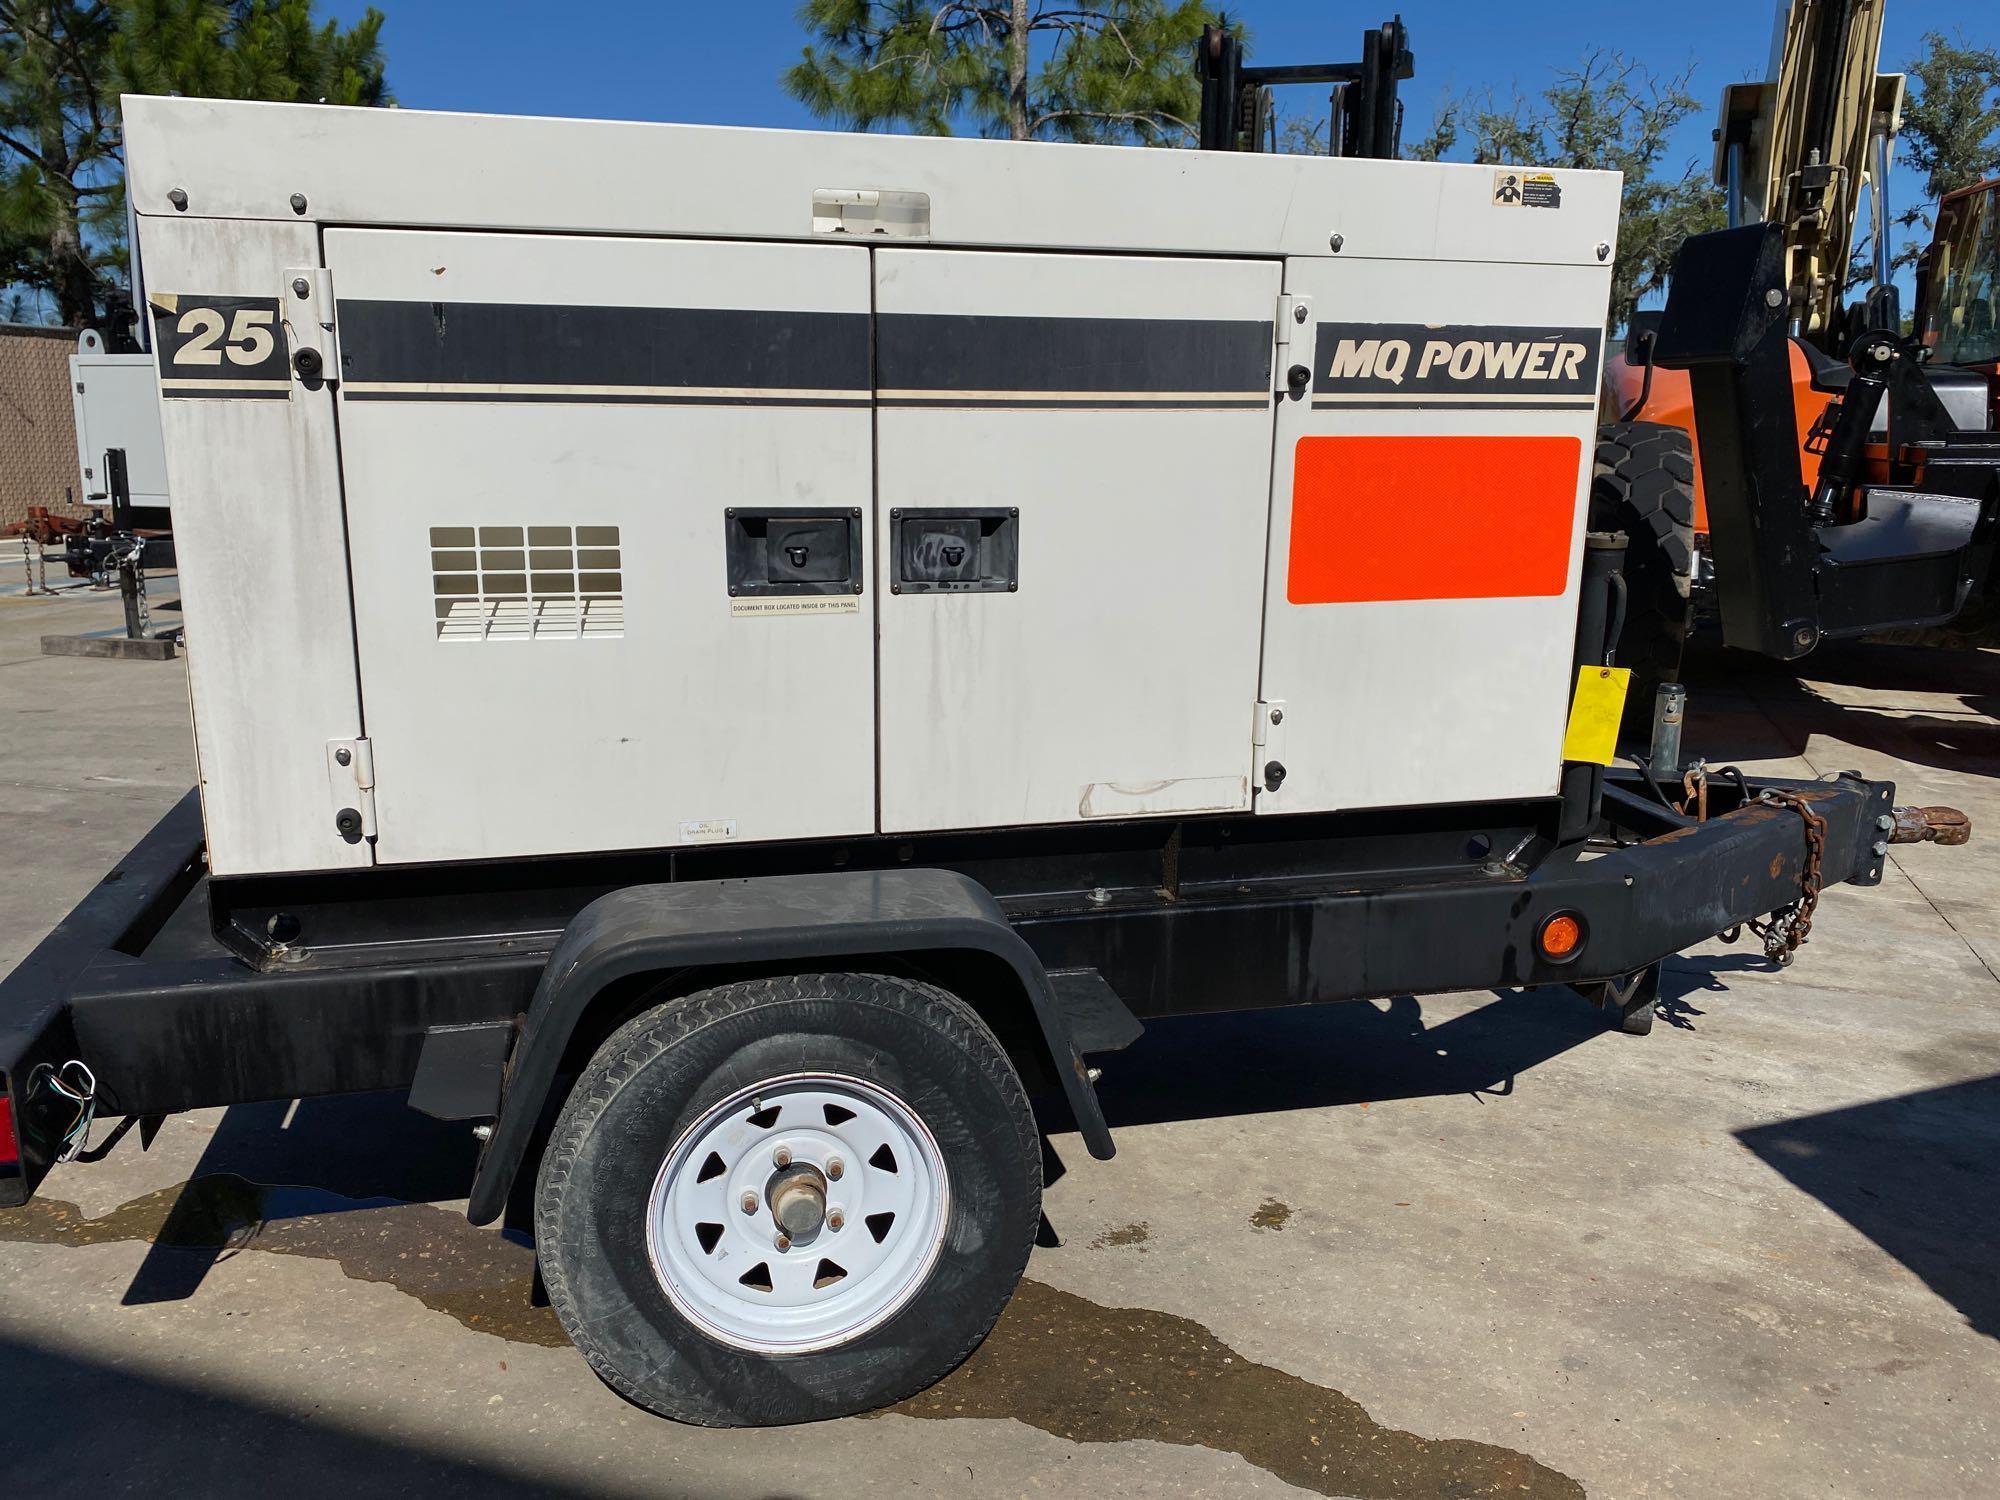 2011/2012 WHISPERWATT MQ POWER DIESEL GENERATOR, TRAILER MOUNTED, 20KW, 25KVA, RUNS AND OPERATES - Image 15 of 20